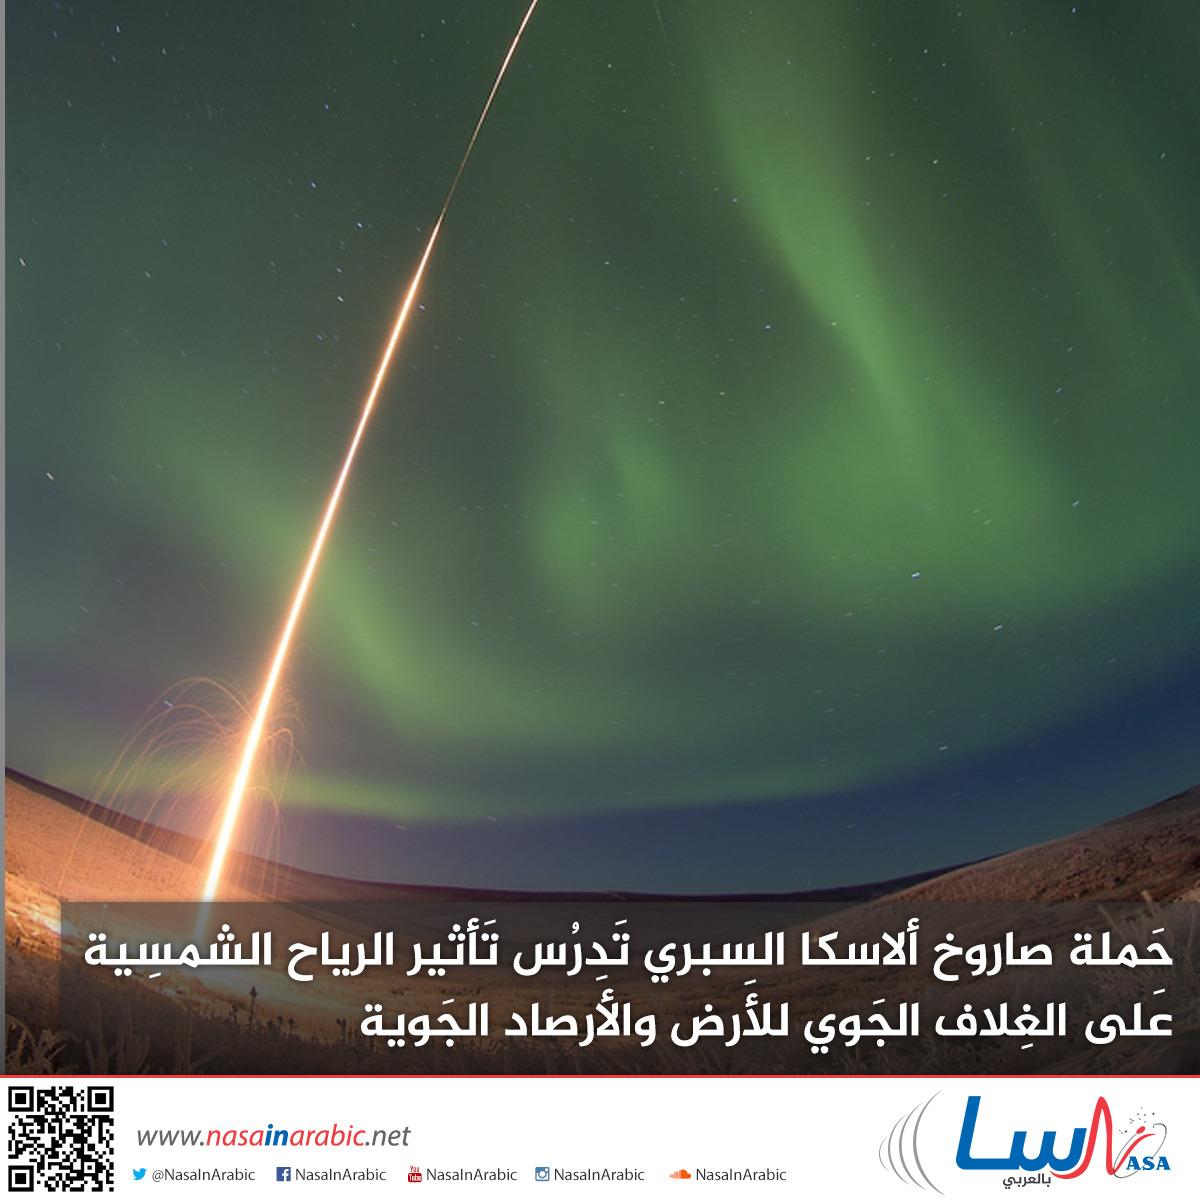 حَملة صاروخ ألاسكا السبري تَدرُس تَأثير الرياح الشمسِية عَلى الغِلاف الجَوي للأَرض والأَرصاد الجَوية